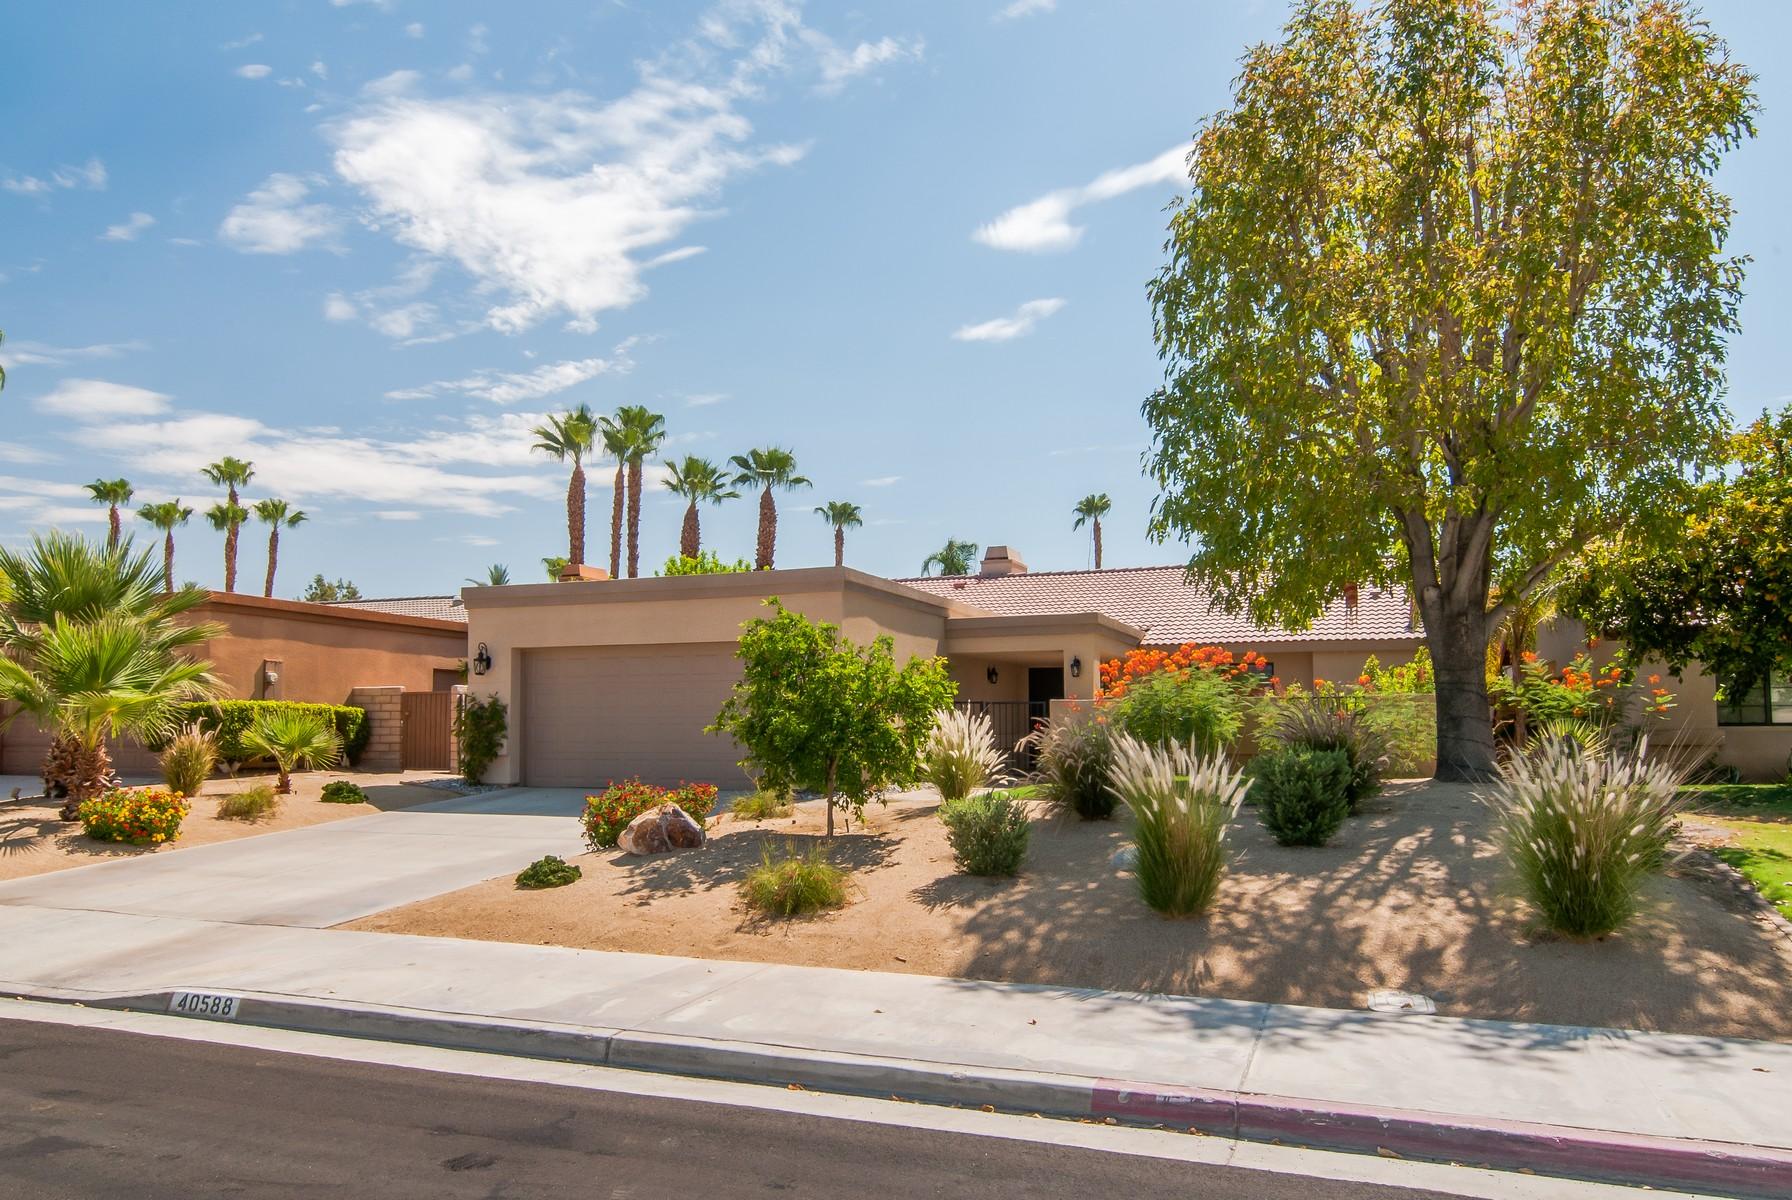 Частный односемейный дом для того Продажа на 40588 Clover Lane Palm Desert, Калифорния, 92260 Соединенные Штаты